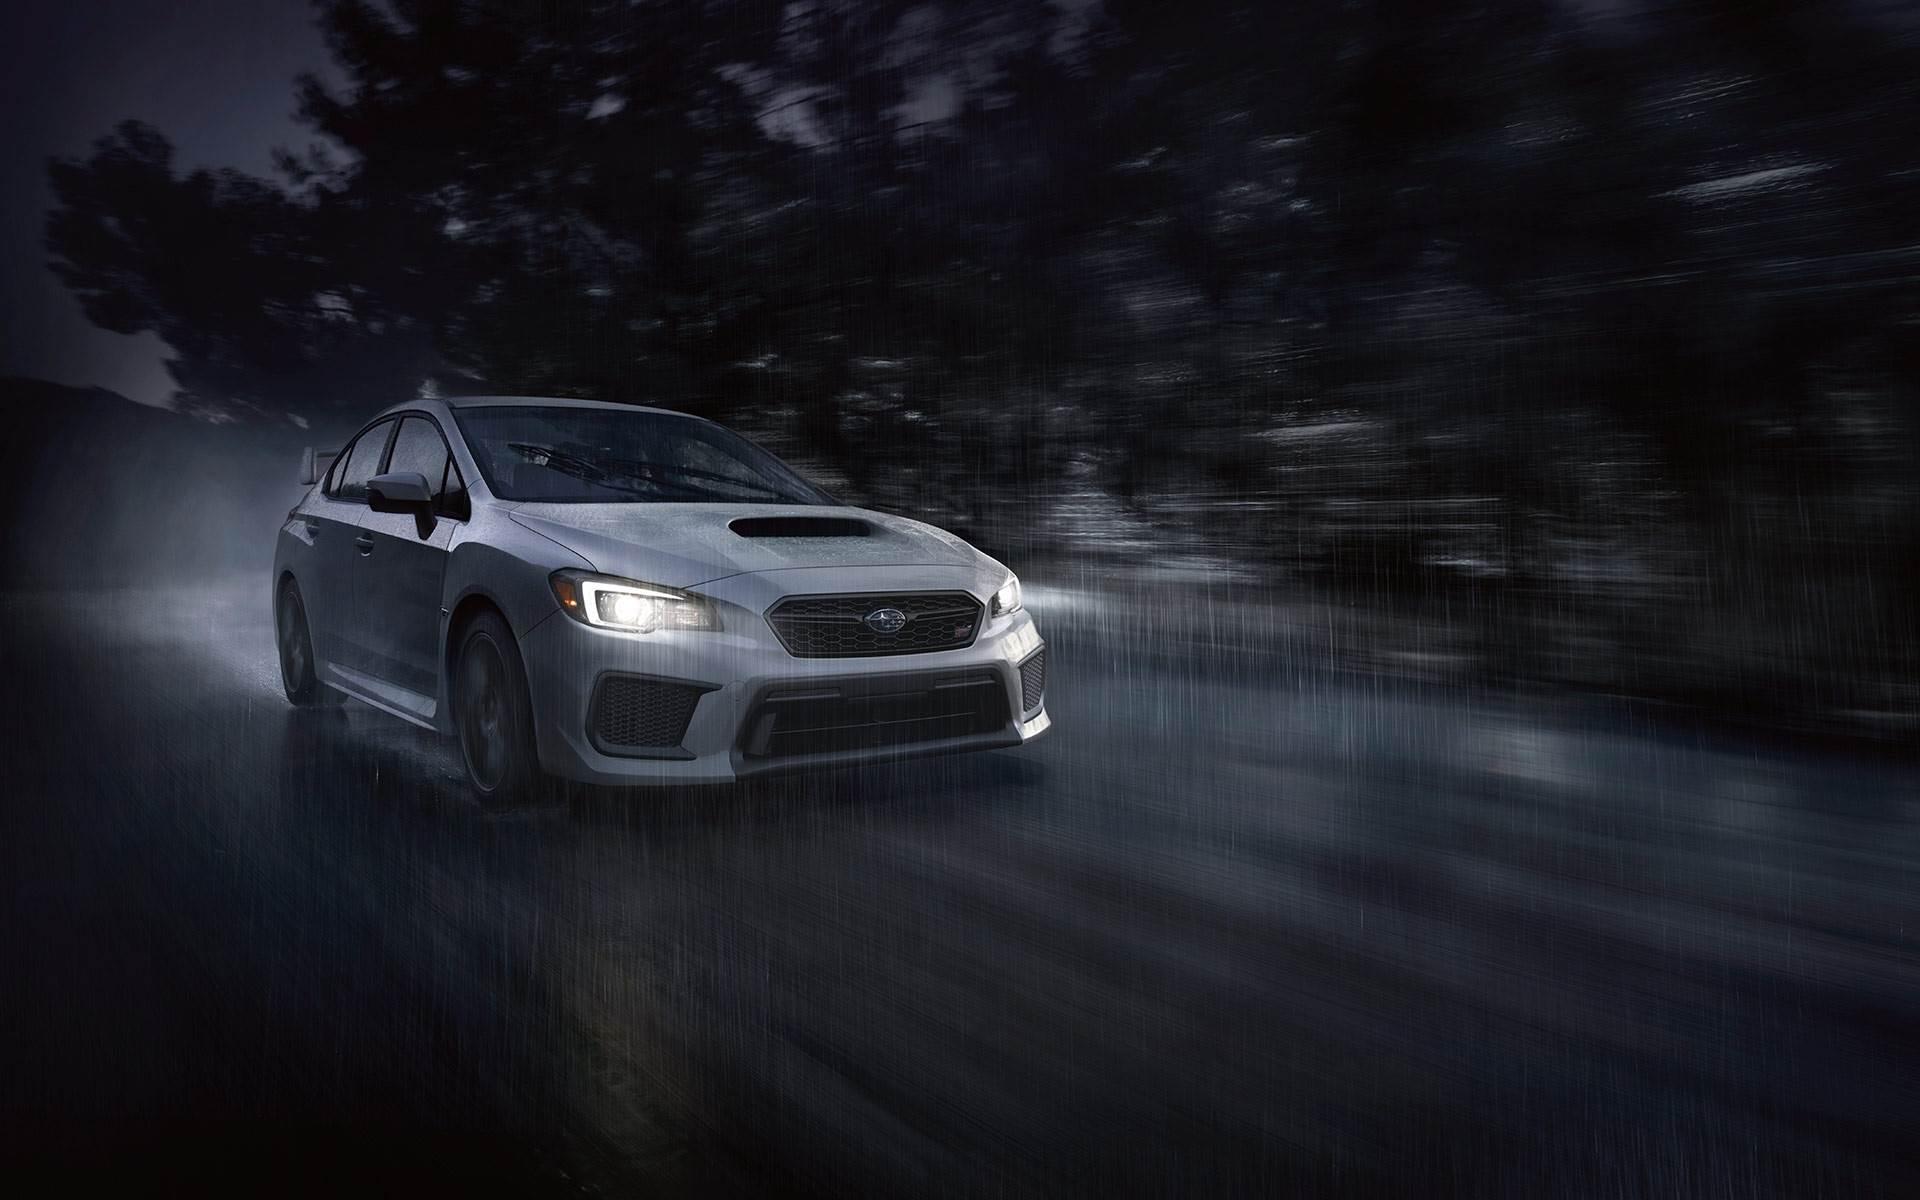 New 2018 Subaru WRX STI in Reno | Michael Hohl Subaru